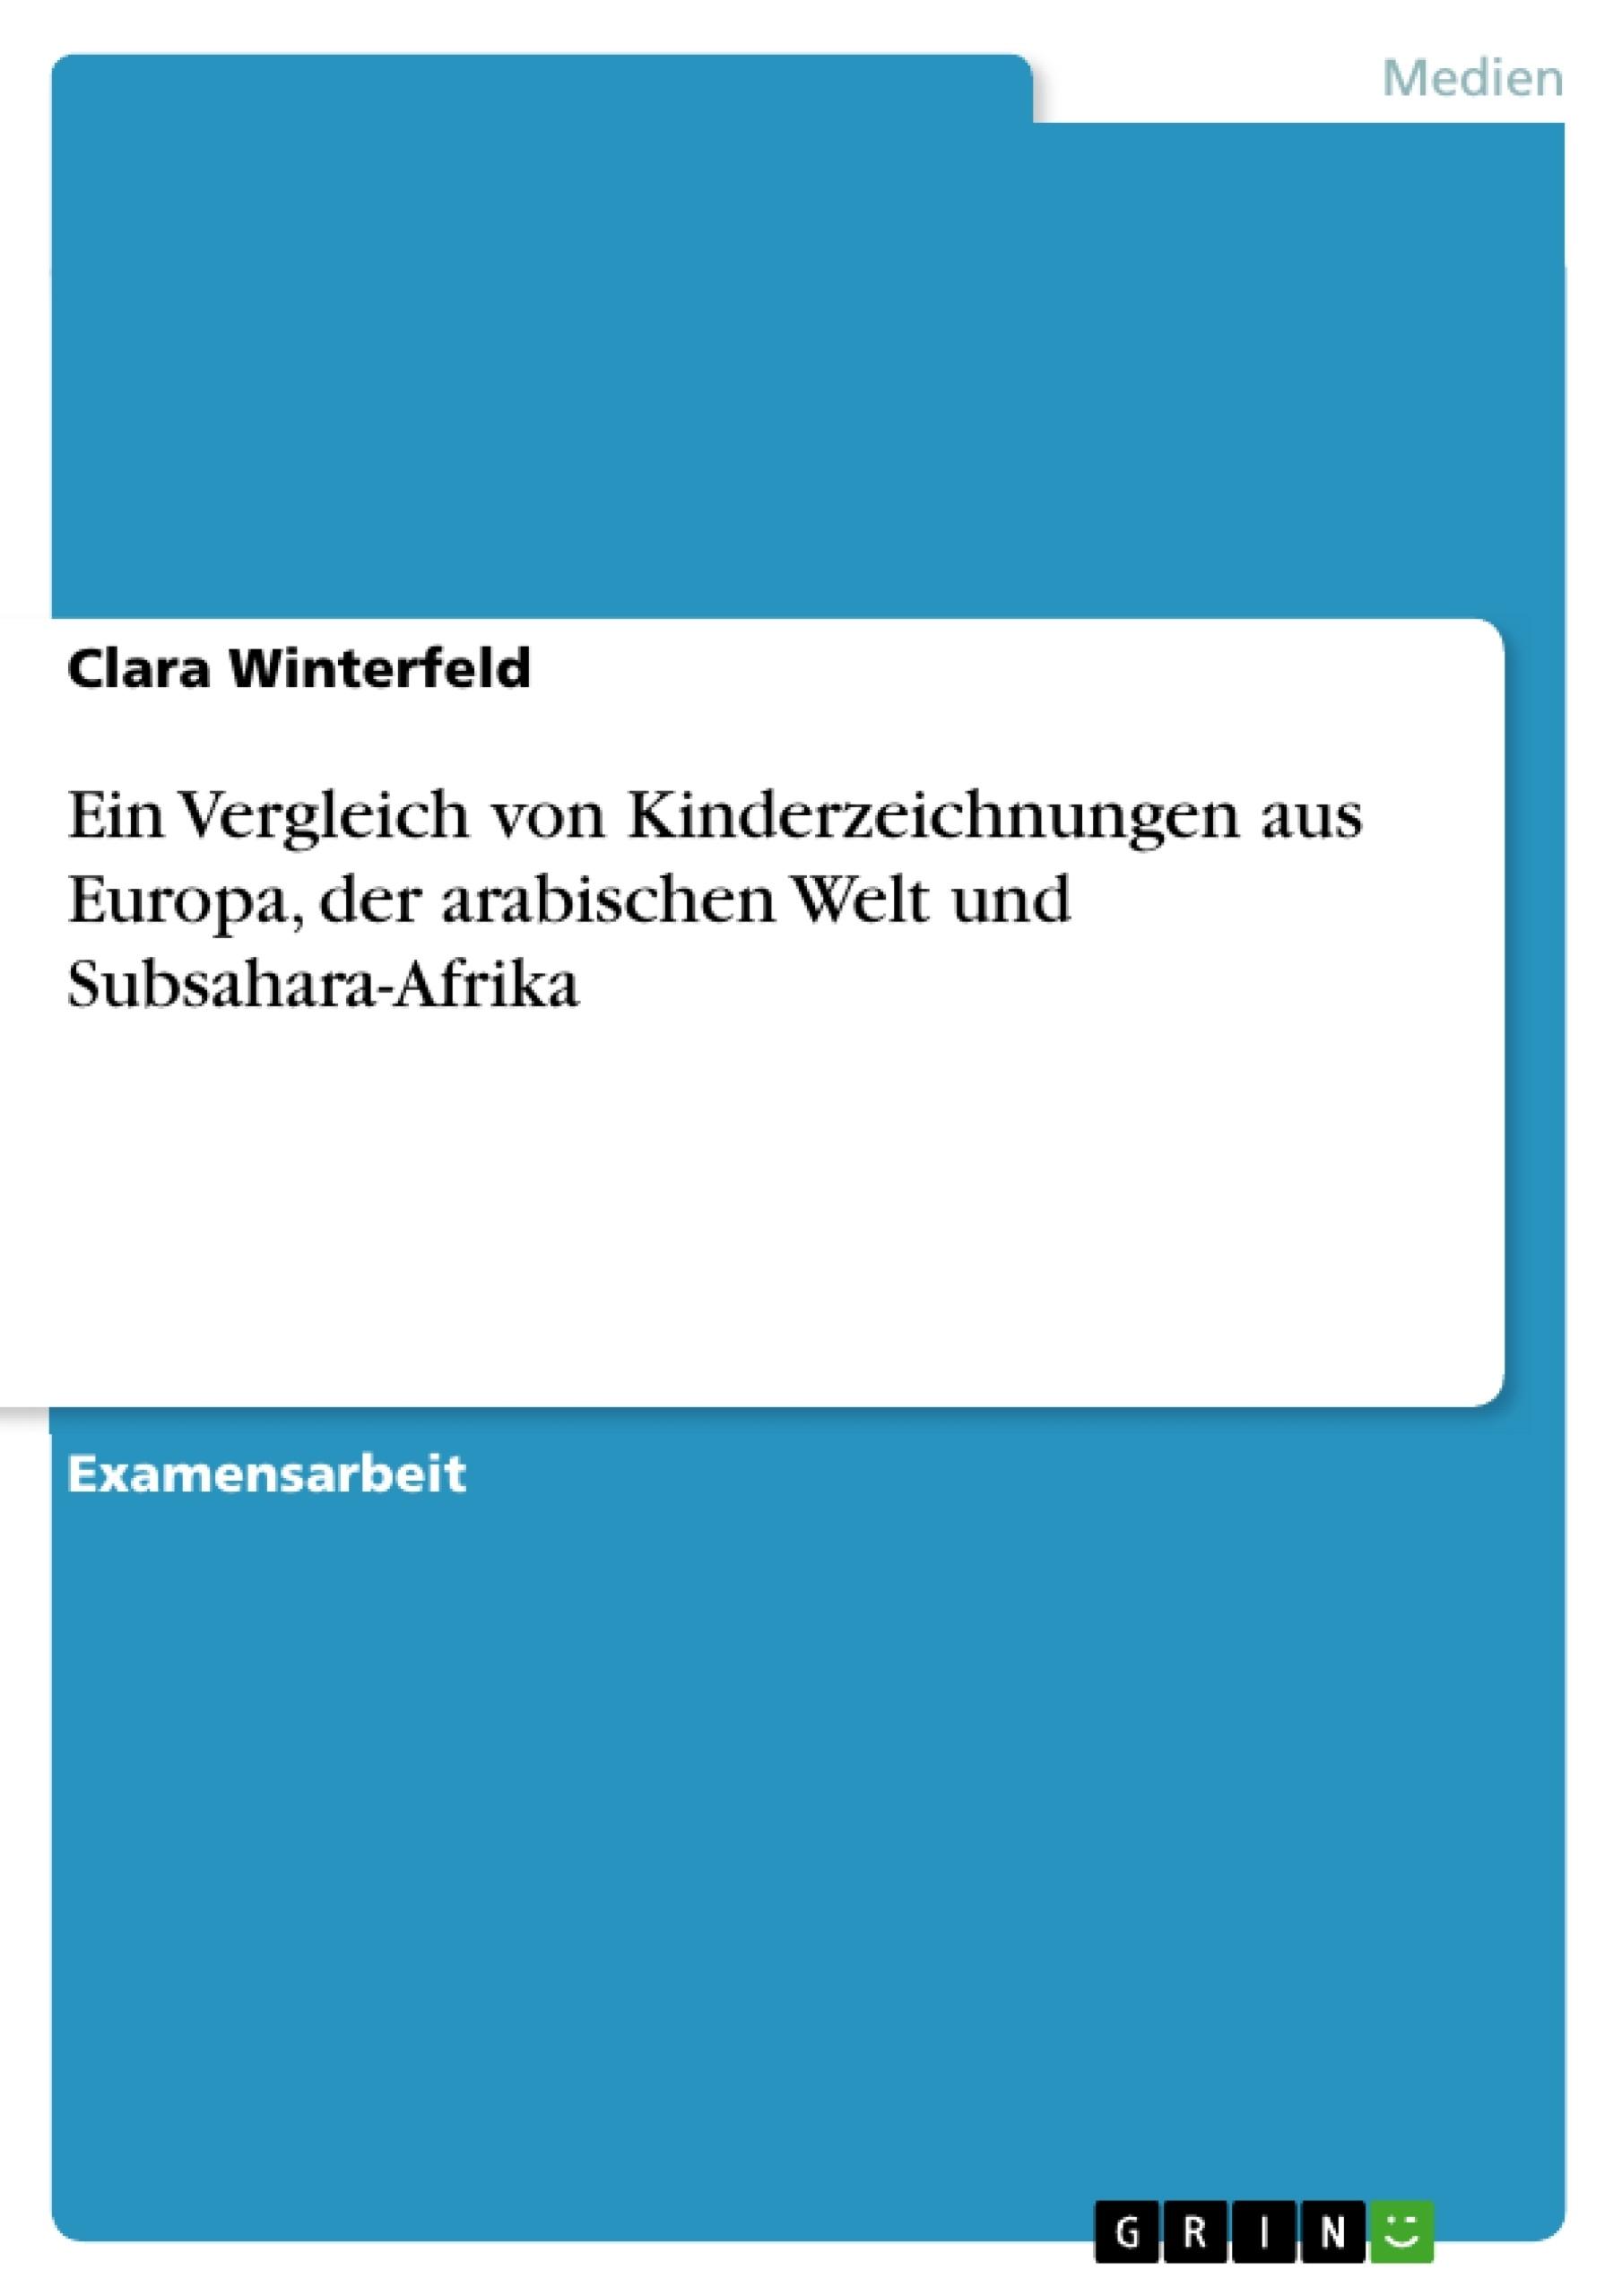 Titel: Ein Vergleich von Kinderzeichnungen aus Europa, der arabischen Welt und Subsahara-Afrika